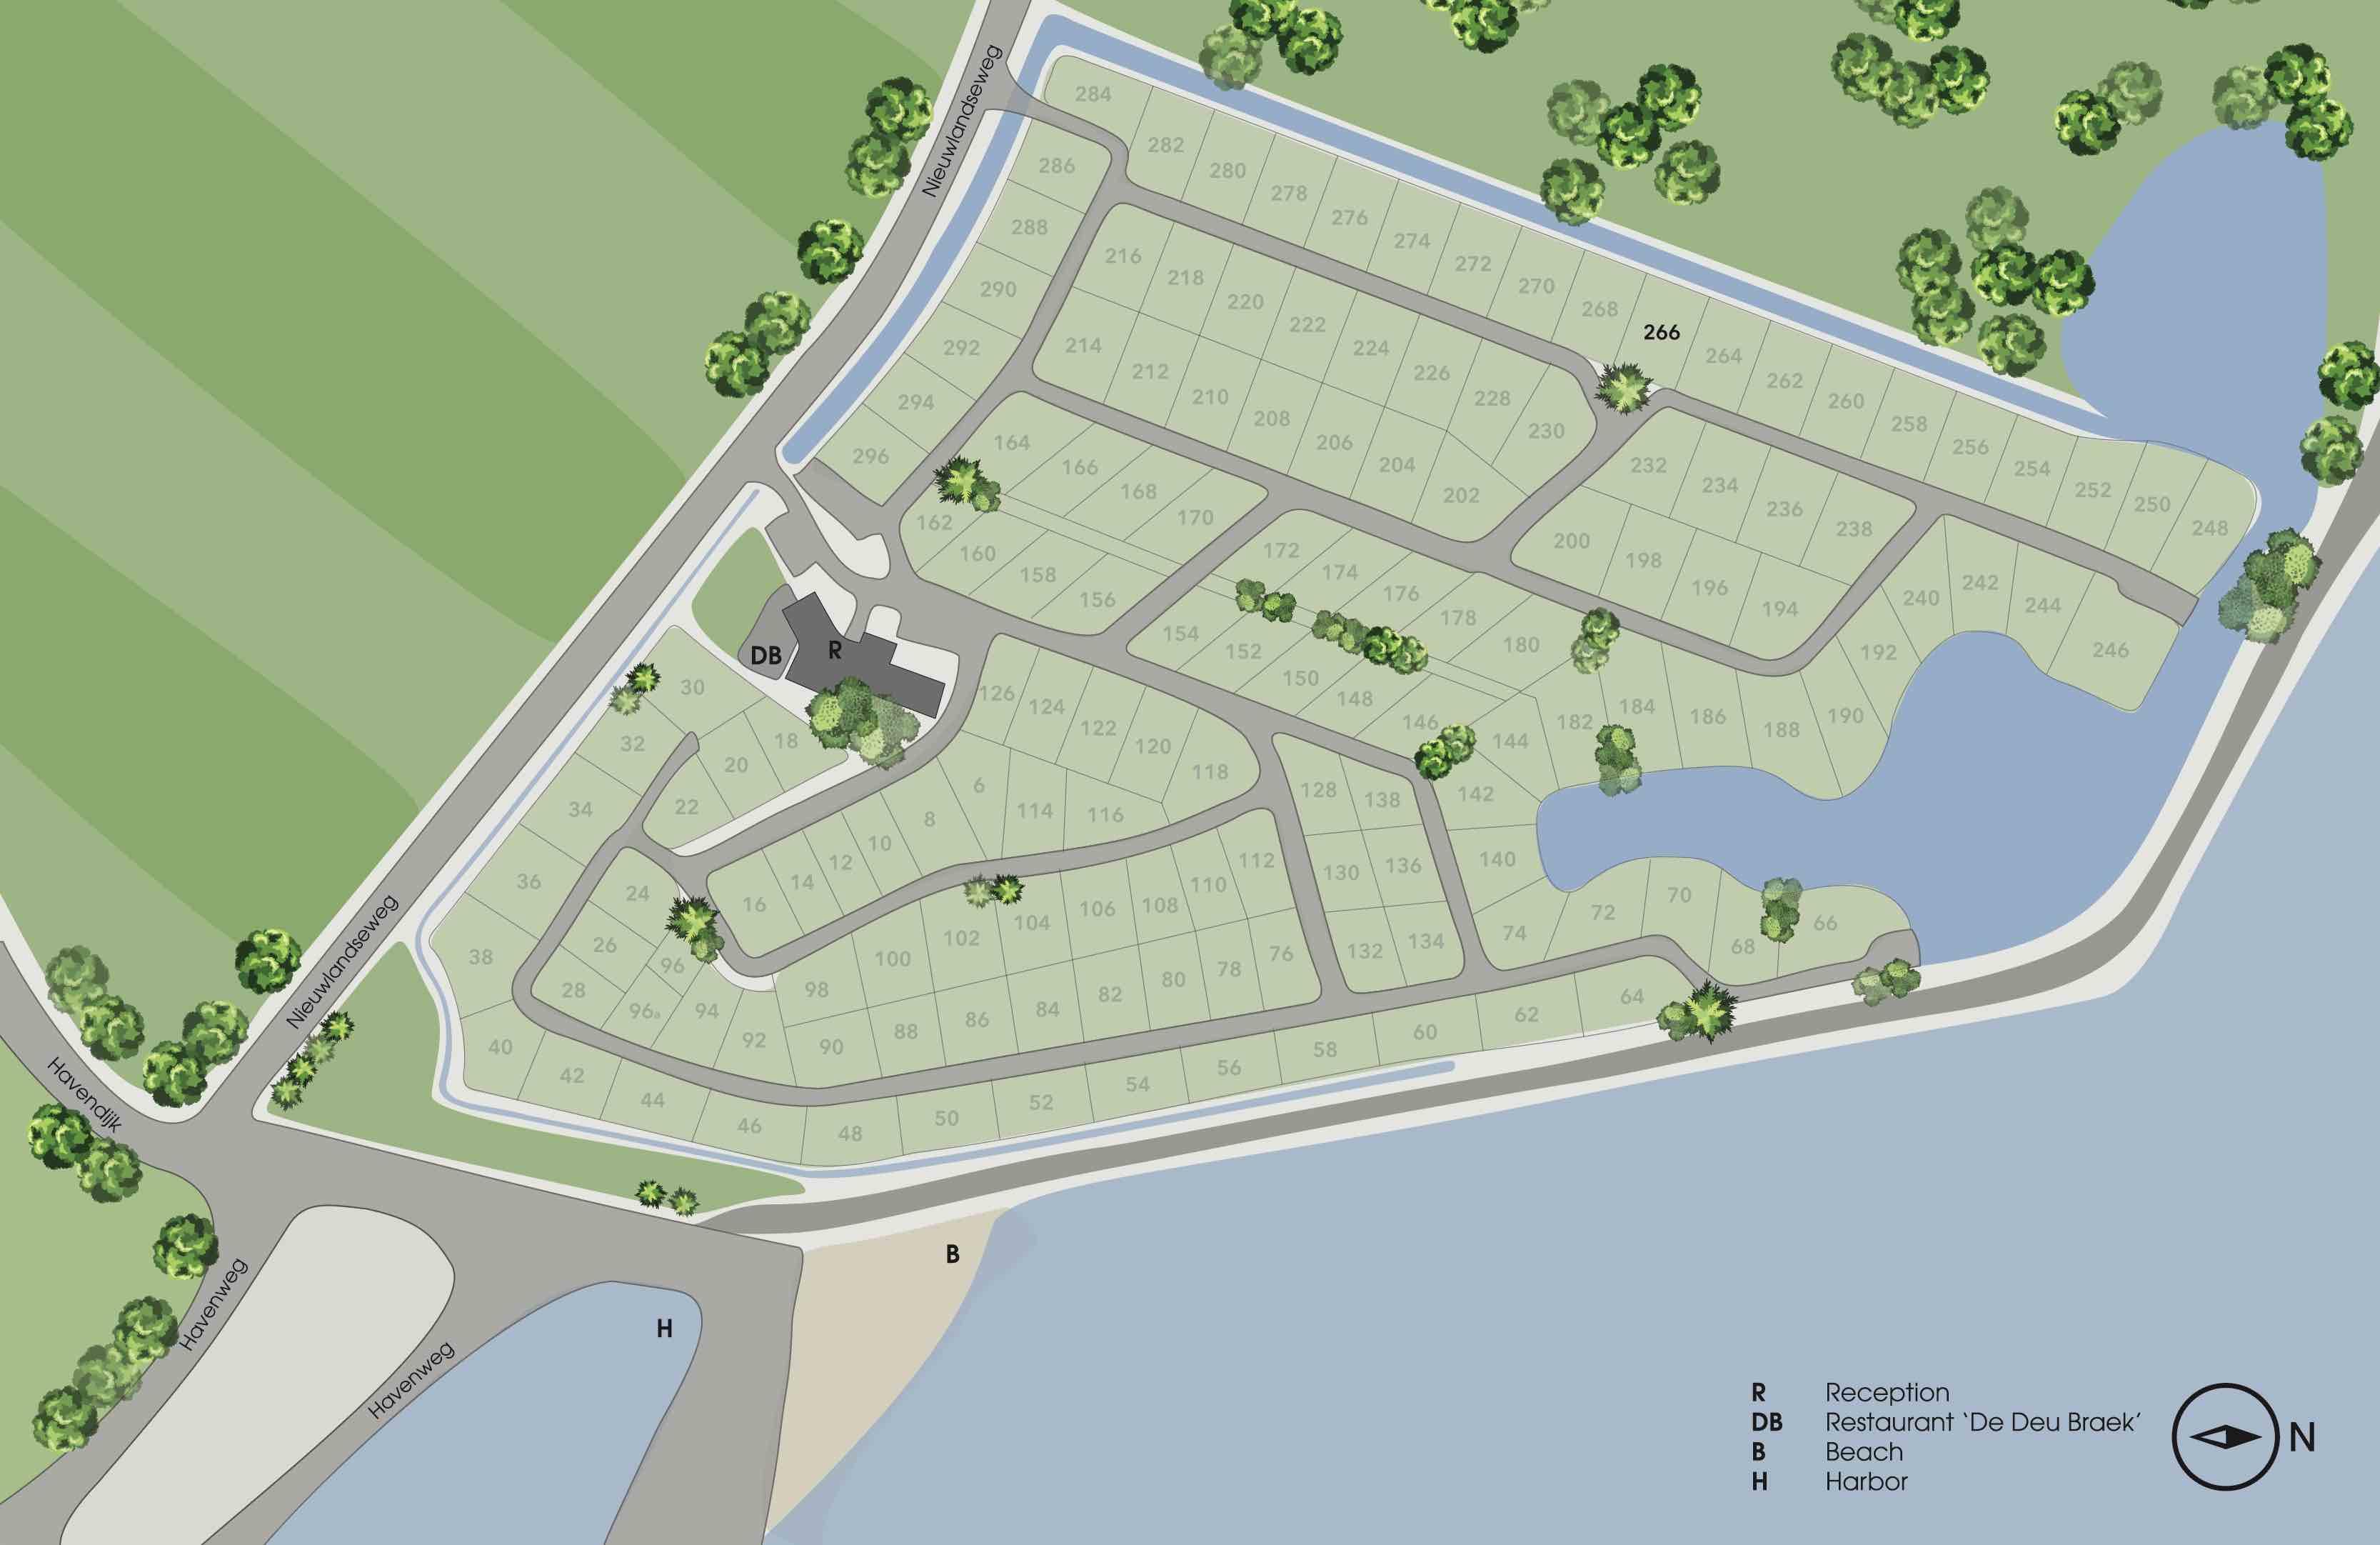 Vakantiehuisje Zeeland 6 personen - plattegrond park